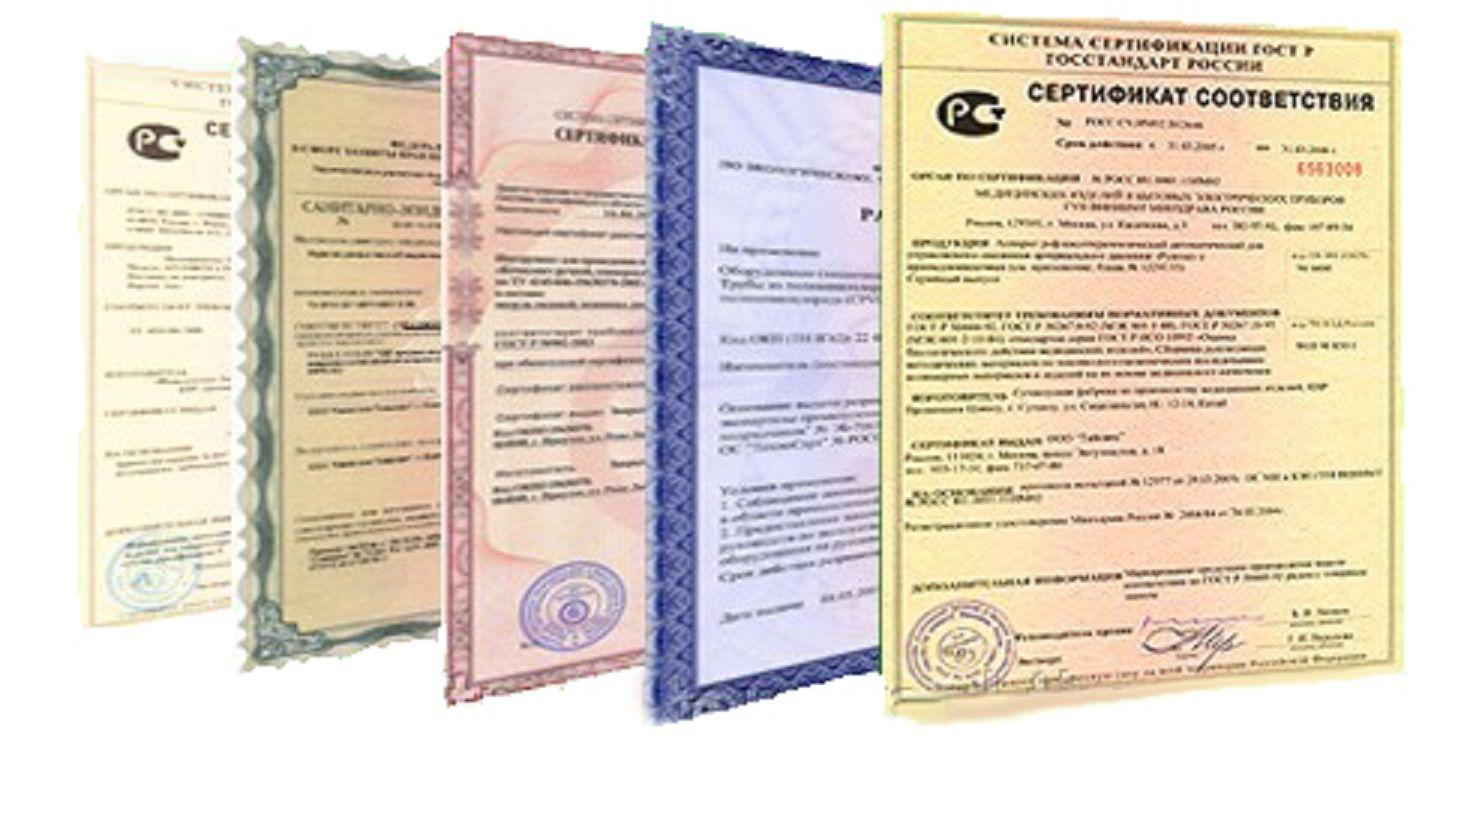 Ставропольские производители могут компенсировать затраты на сертификацию продукции